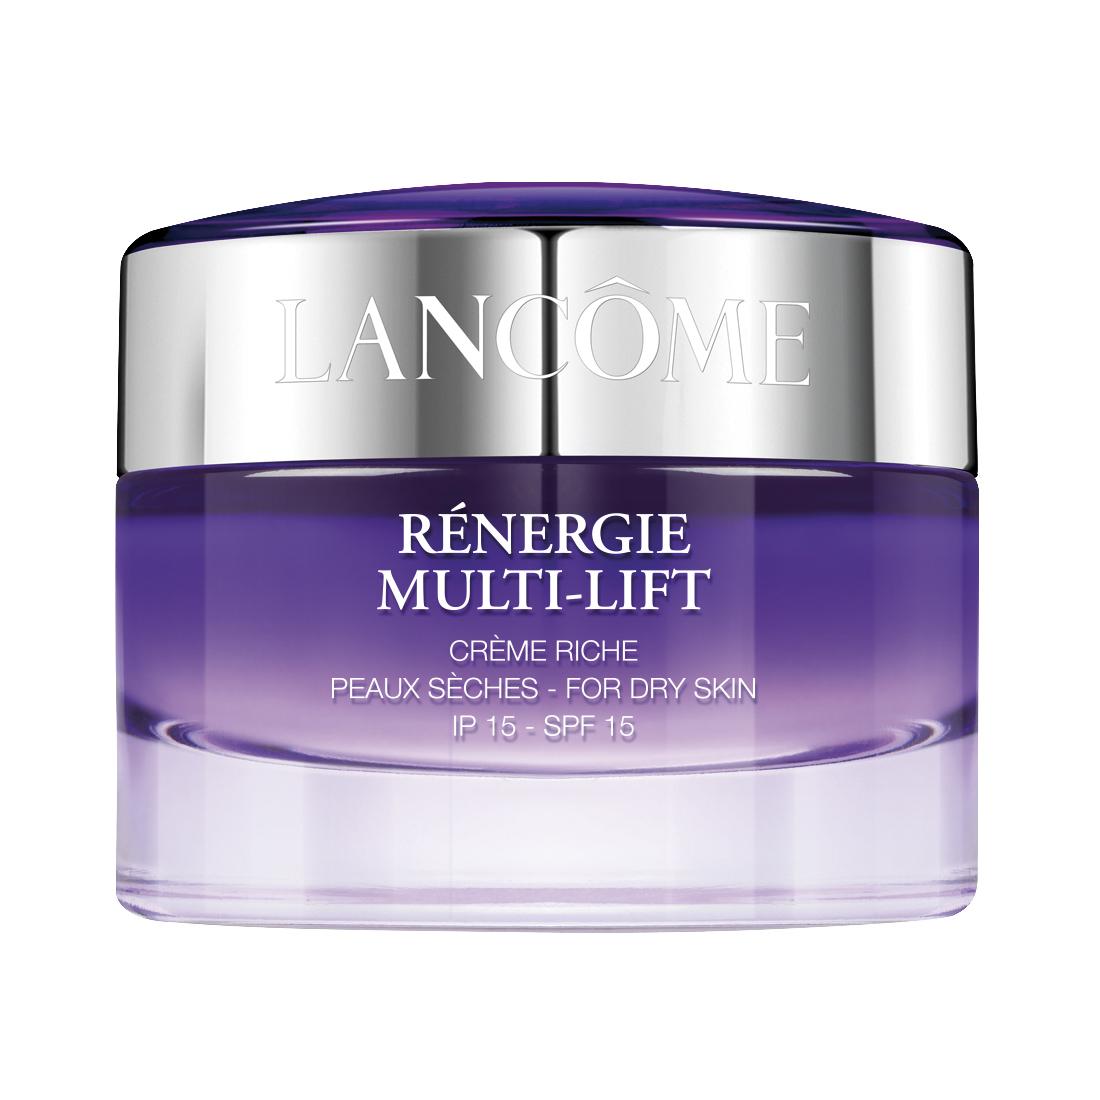 Lancôme - Rénergie Multi-Lift Crème Riche - 50 ml